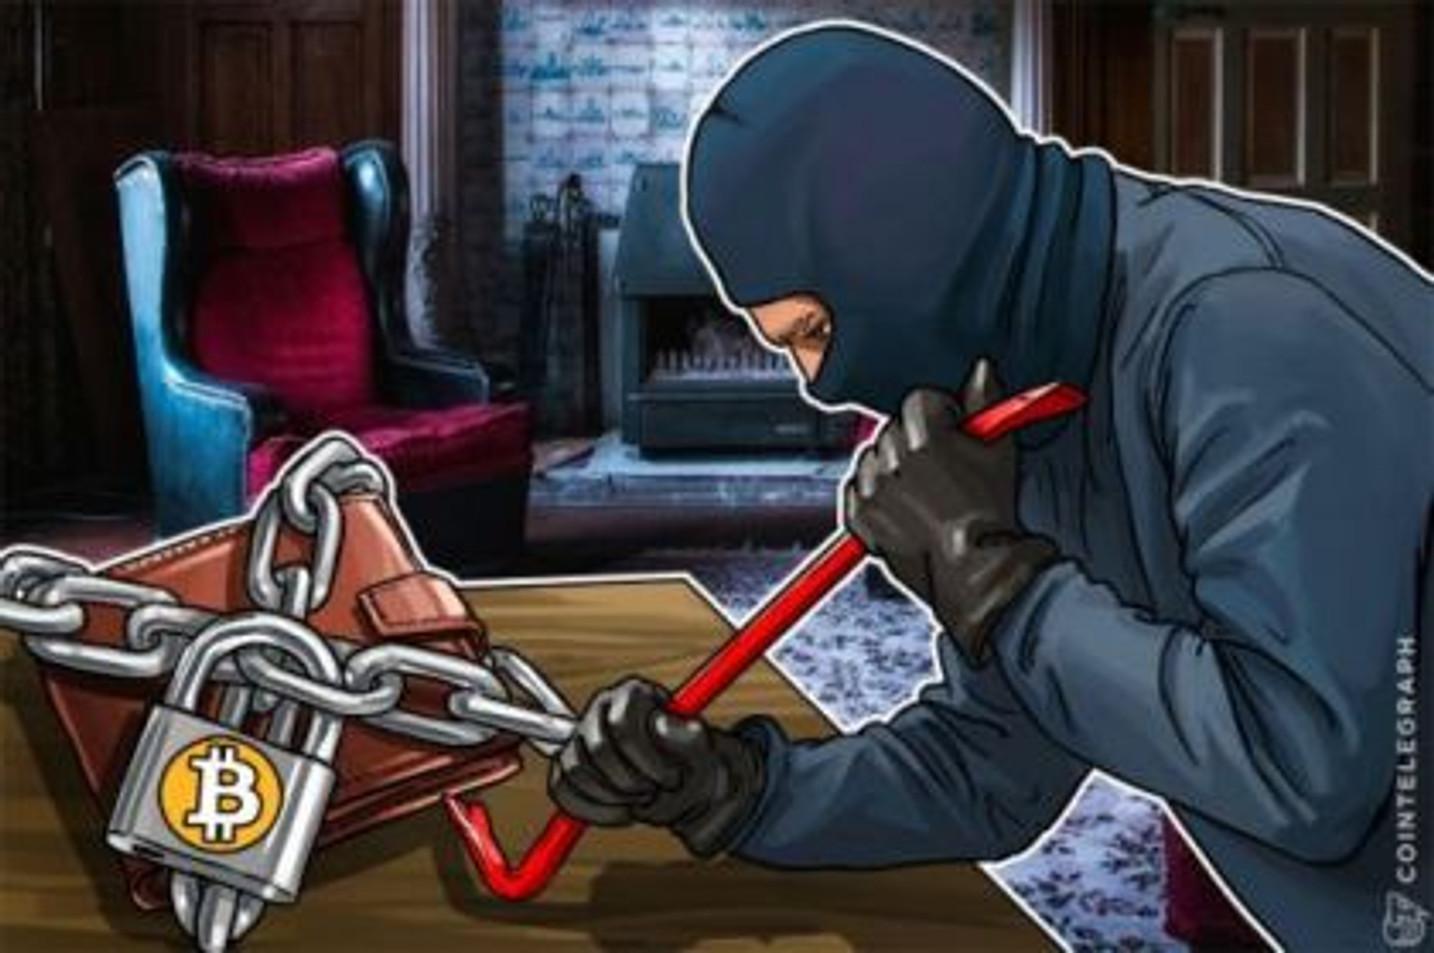 Exchange Coreana Bithumb Mantém-se em Silêncio sobre Fundos perdidos e compensa usuários hackeados